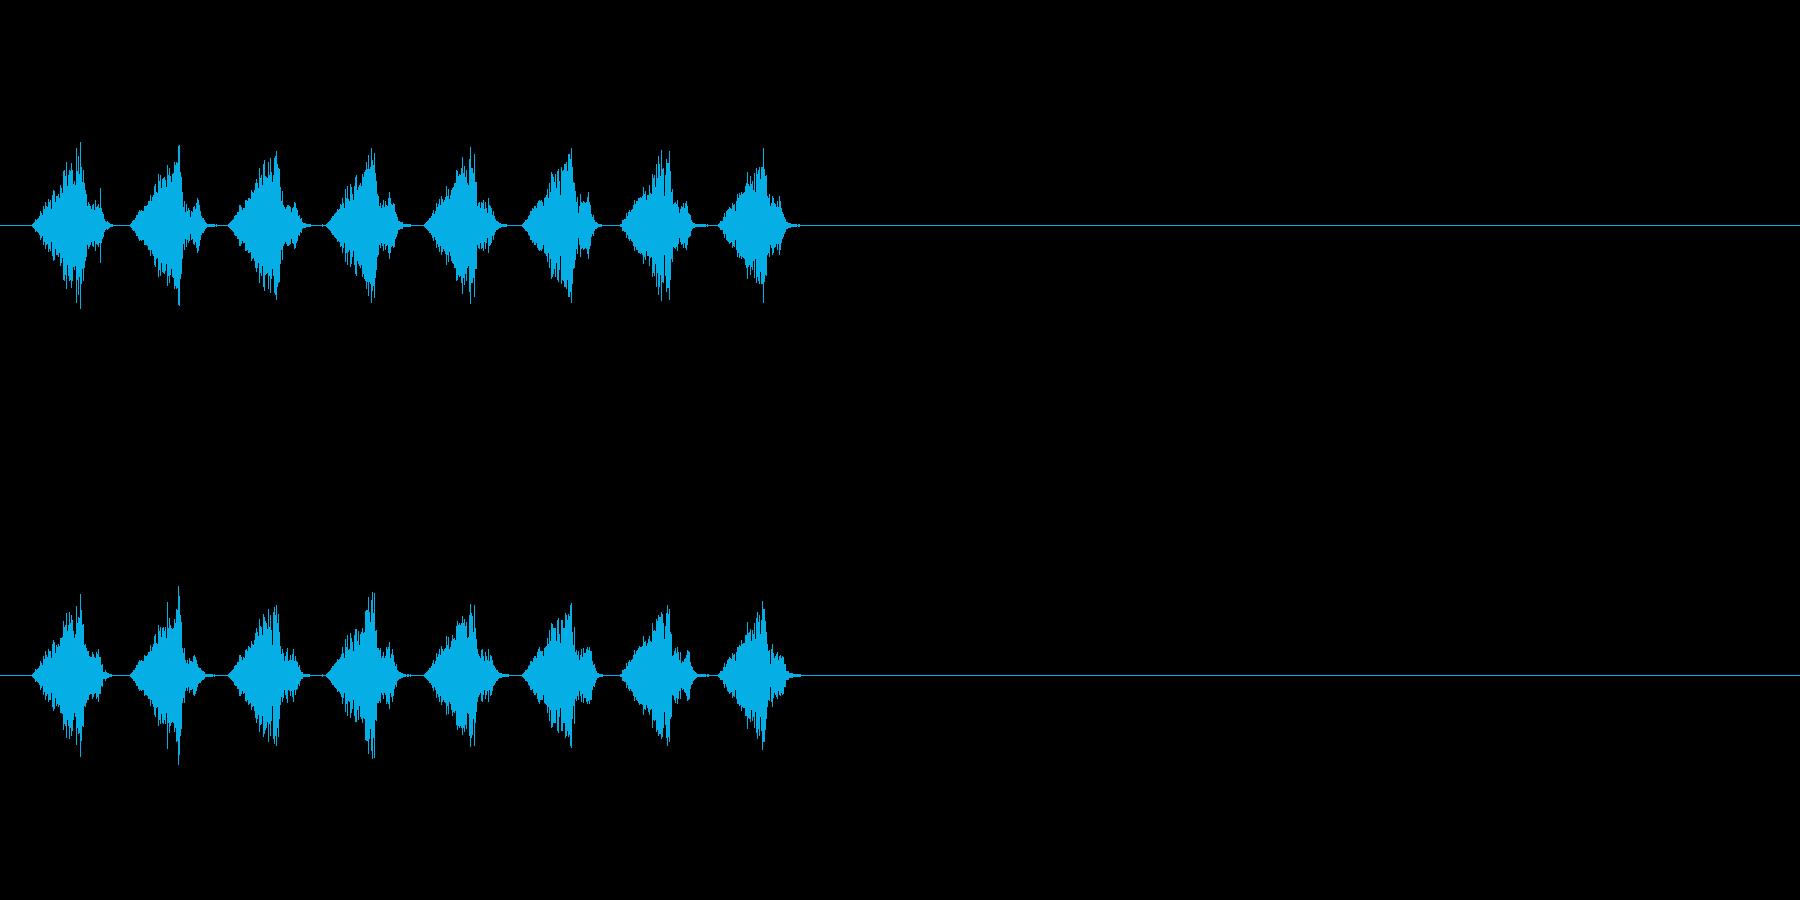 シャシャシャ…(カードを切る音、配る音)の再生済みの波形